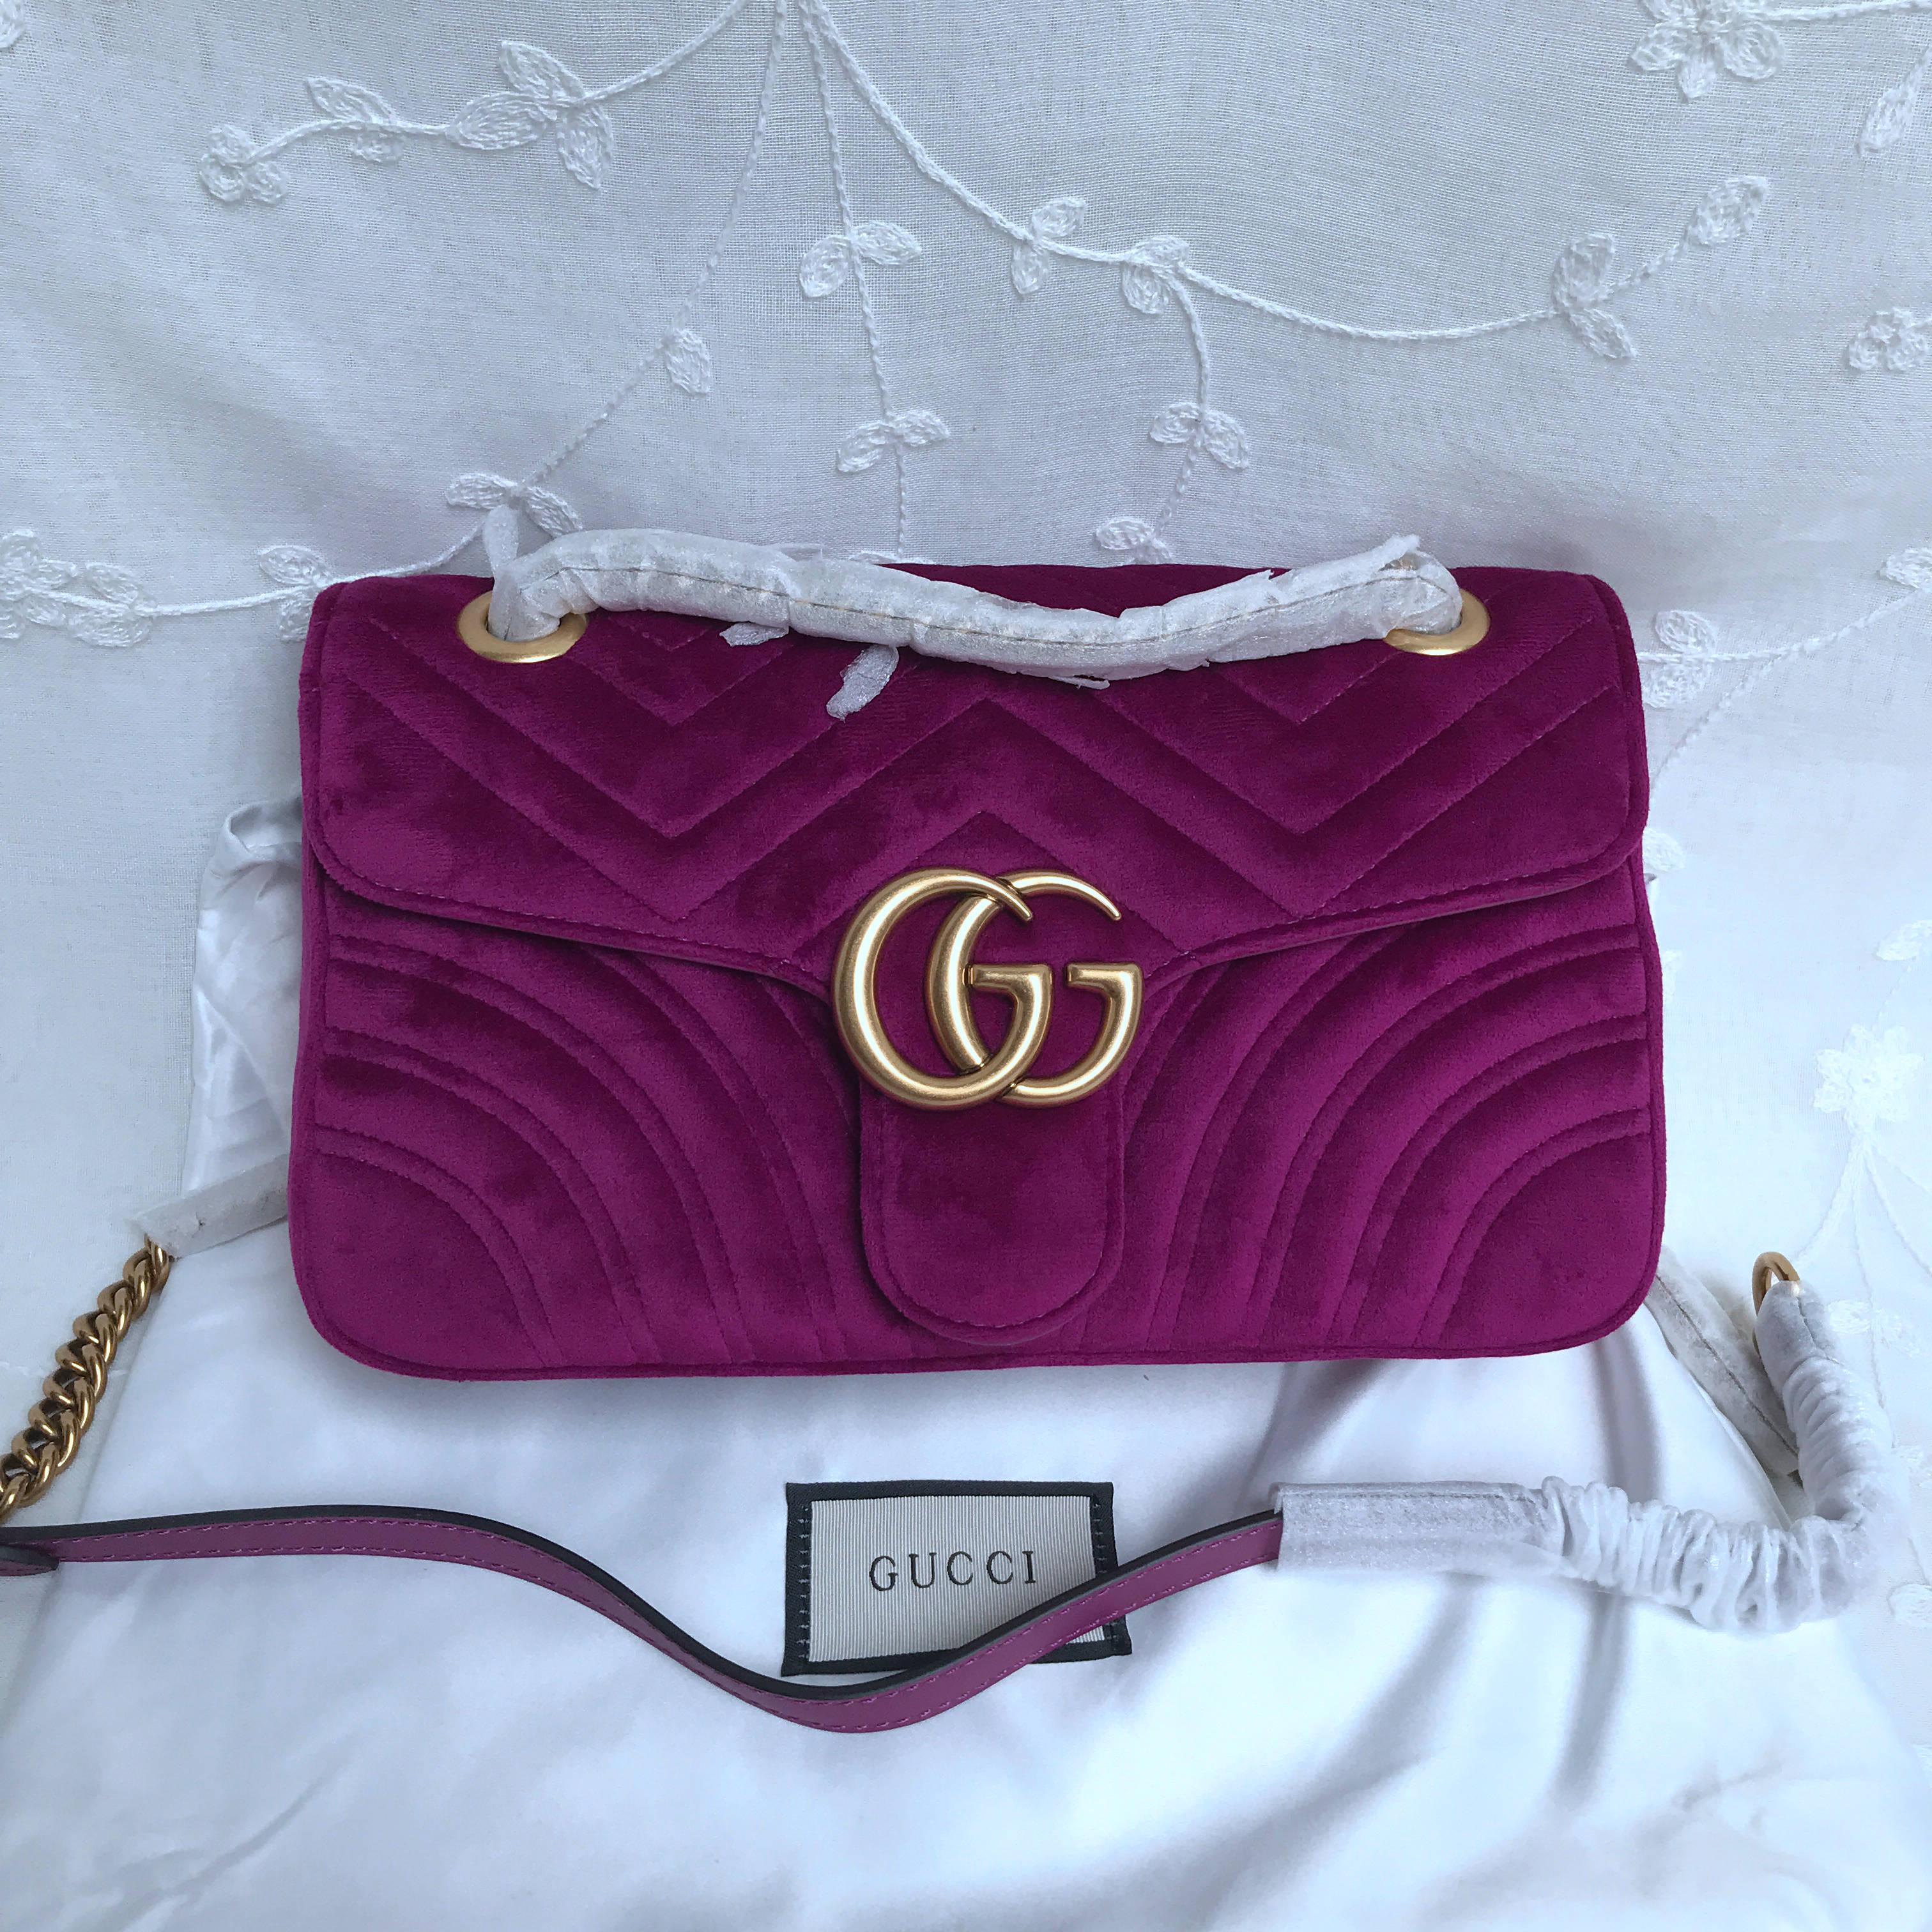 Gucci Marmont samll matelasse shoulder bag 443497